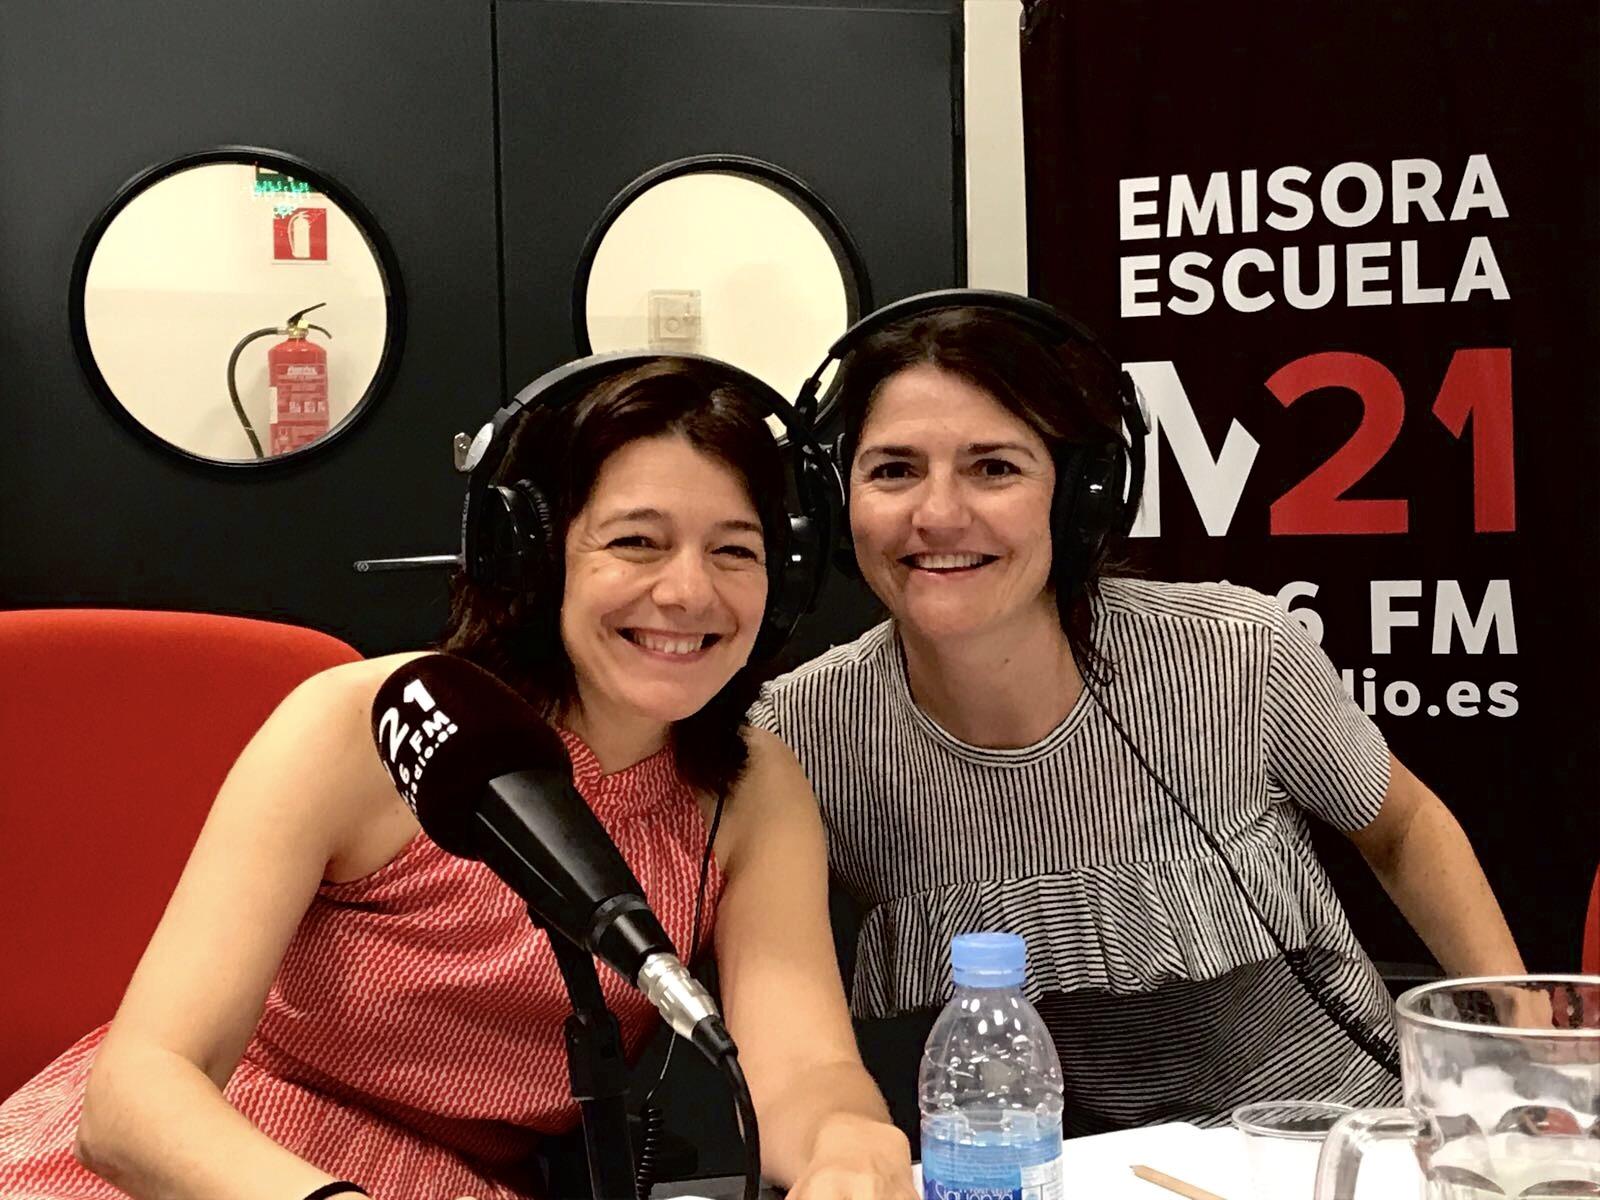 Belén Perez Castillo - Responsable en contenidos de empleo. Seguimiento y orientación en la Emisora Escuela M21 Radio